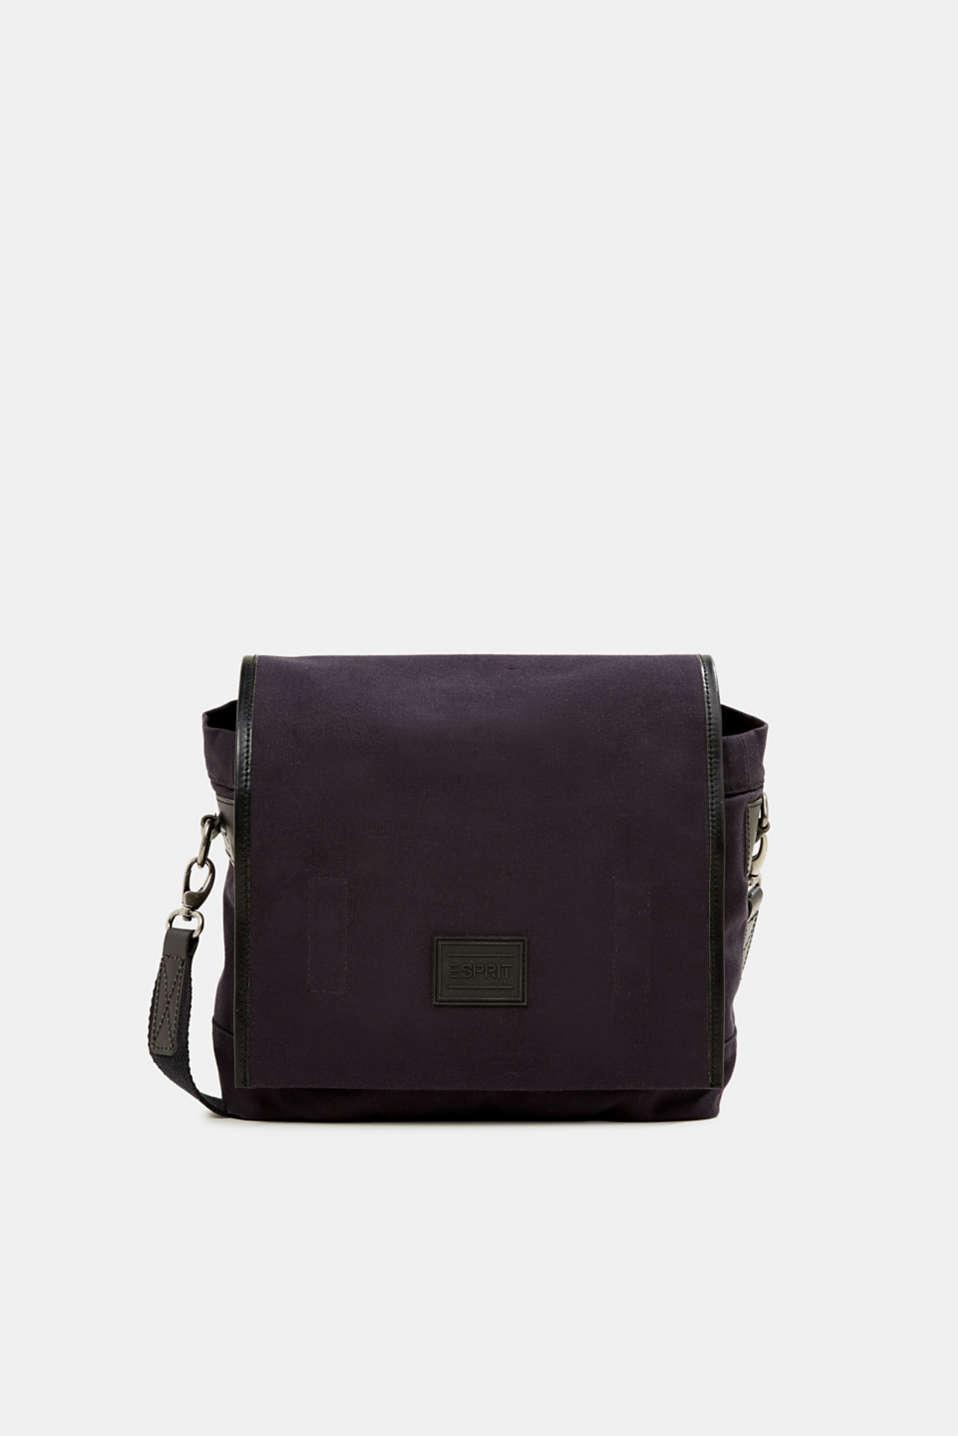 Shoulder bag with leather details, canvas, NAVY, detail image number 0